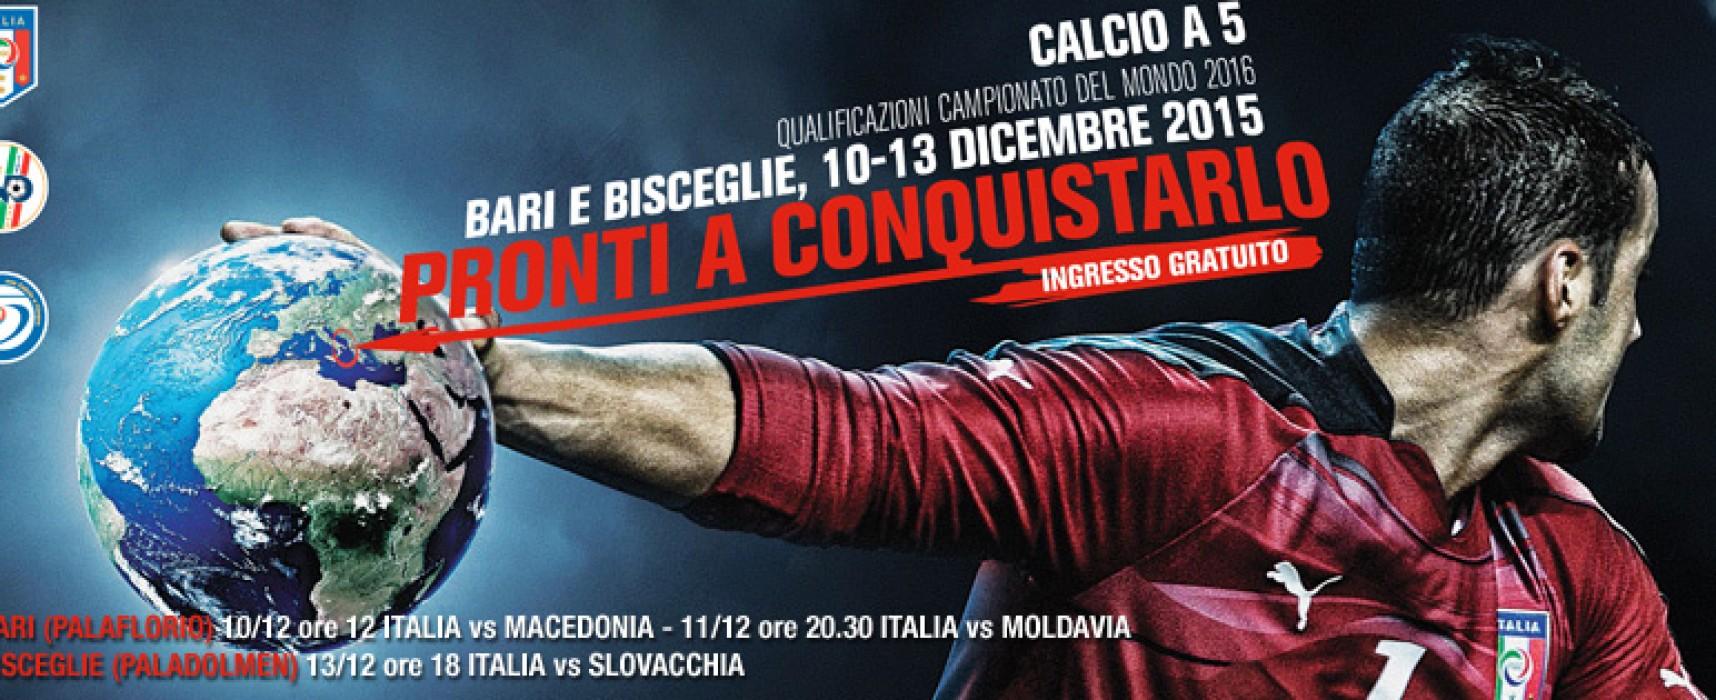 Qualificazioni ai Mondiali di calcio a 5: per Italia-Slovacchia ingresso gratuito